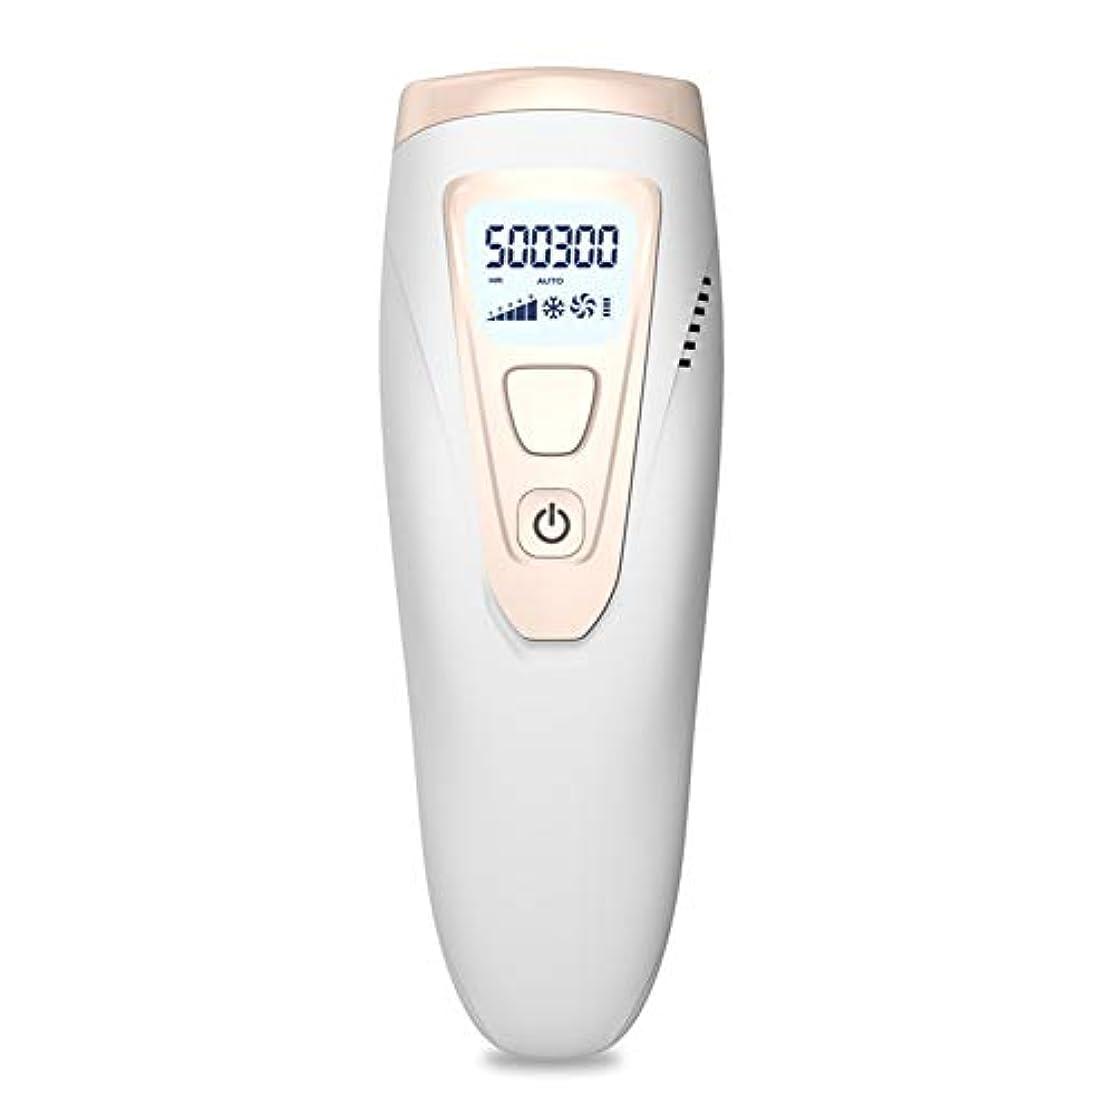 楕円形びっくりする減らすアイスクールIPLレーザー脱毛システム50万回のフラッシュ無痛常設パルス光脱毛器デバイス、にとってボディフェイス脇の下ビキニライン